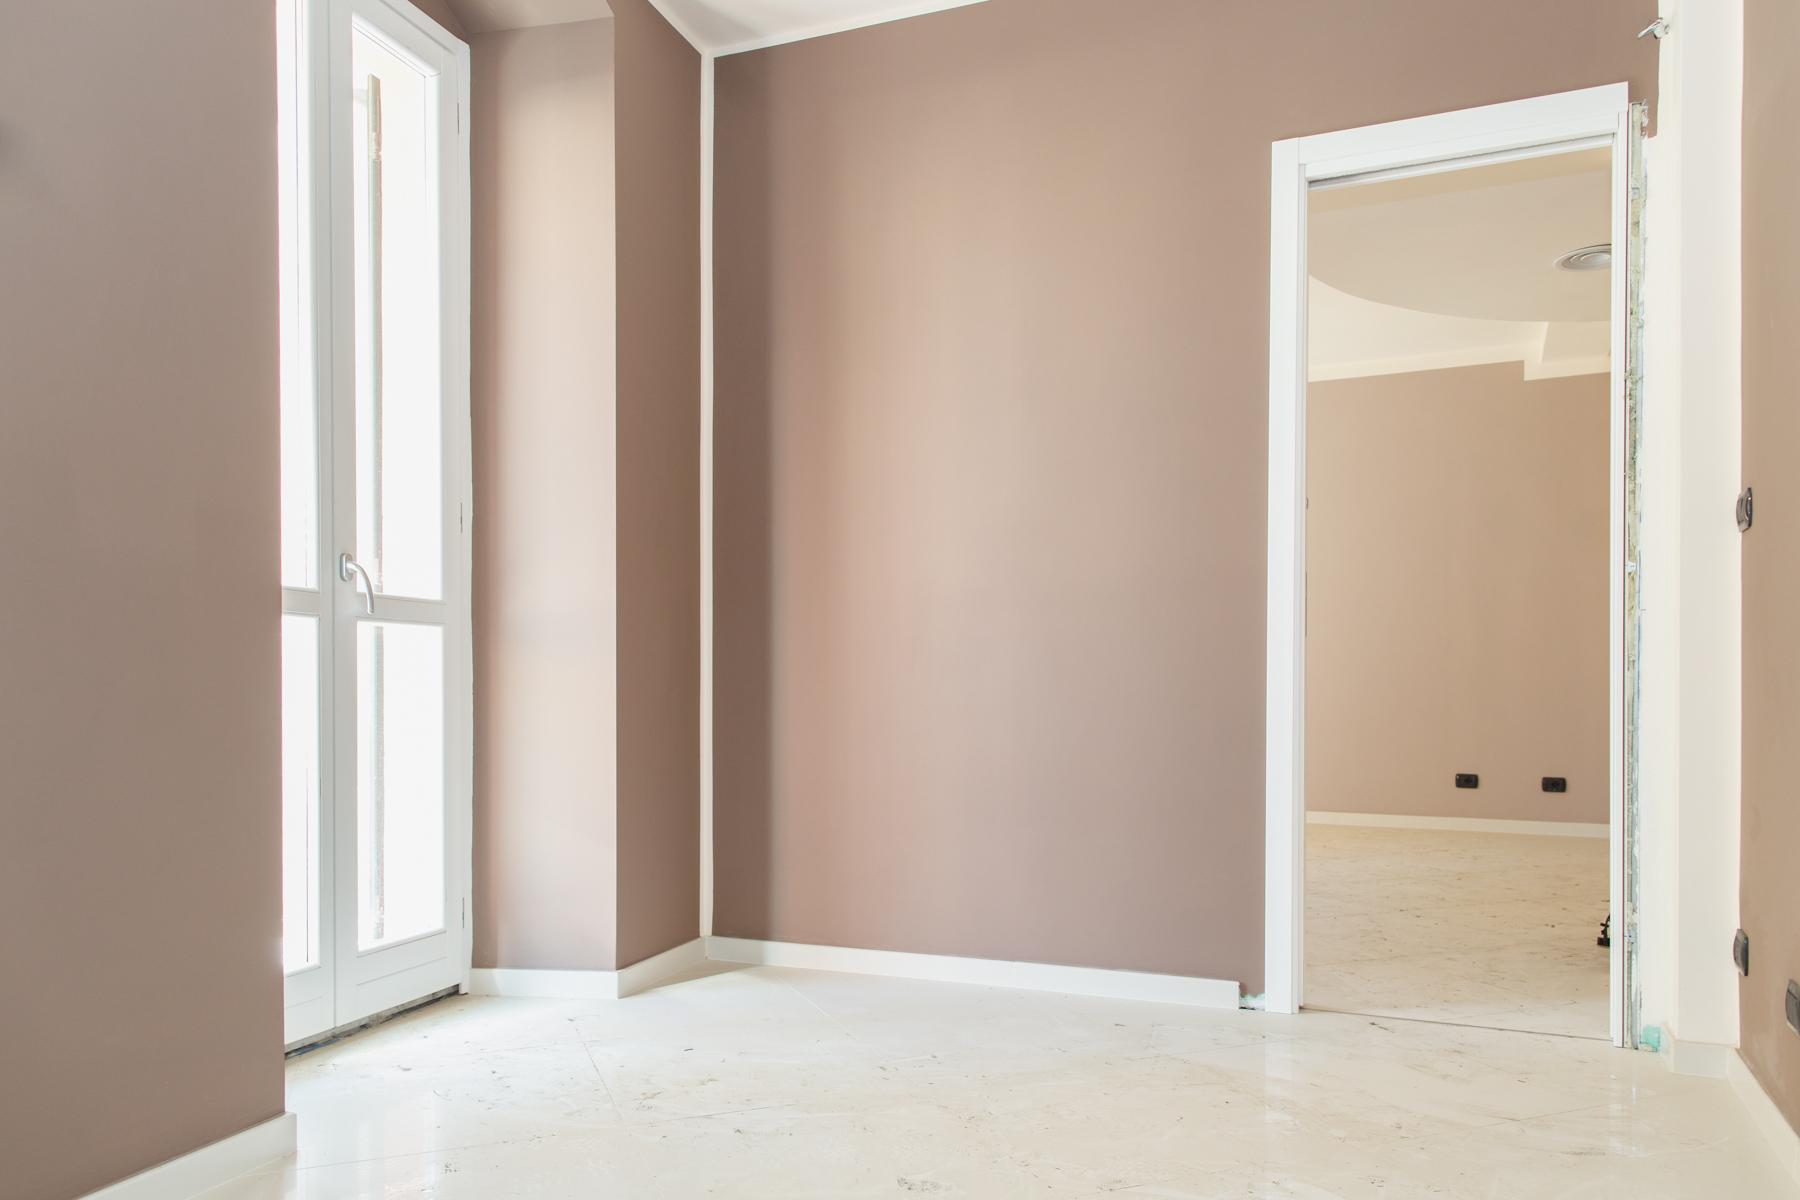 Appartamento in Vendita a Diano Marina: 2 locali, 52 mq - Foto 6